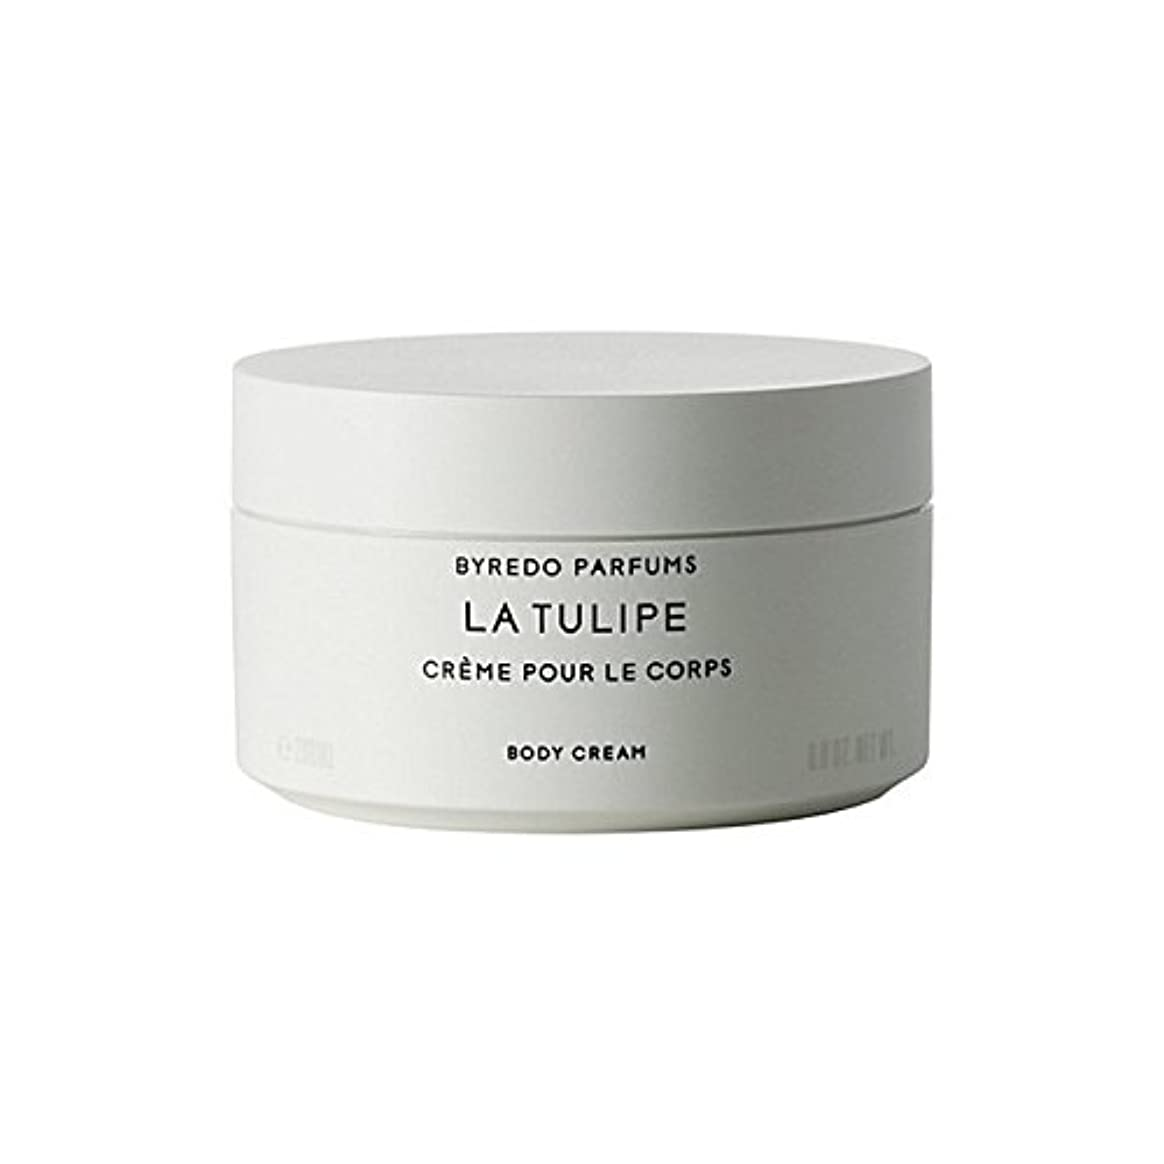 懲らしめ同意する広告するByredo La Tulipe Body Cream 200ml (Pack of 6) - ラチューリップボディクリーム200ミリリットル x6 [並行輸入品]